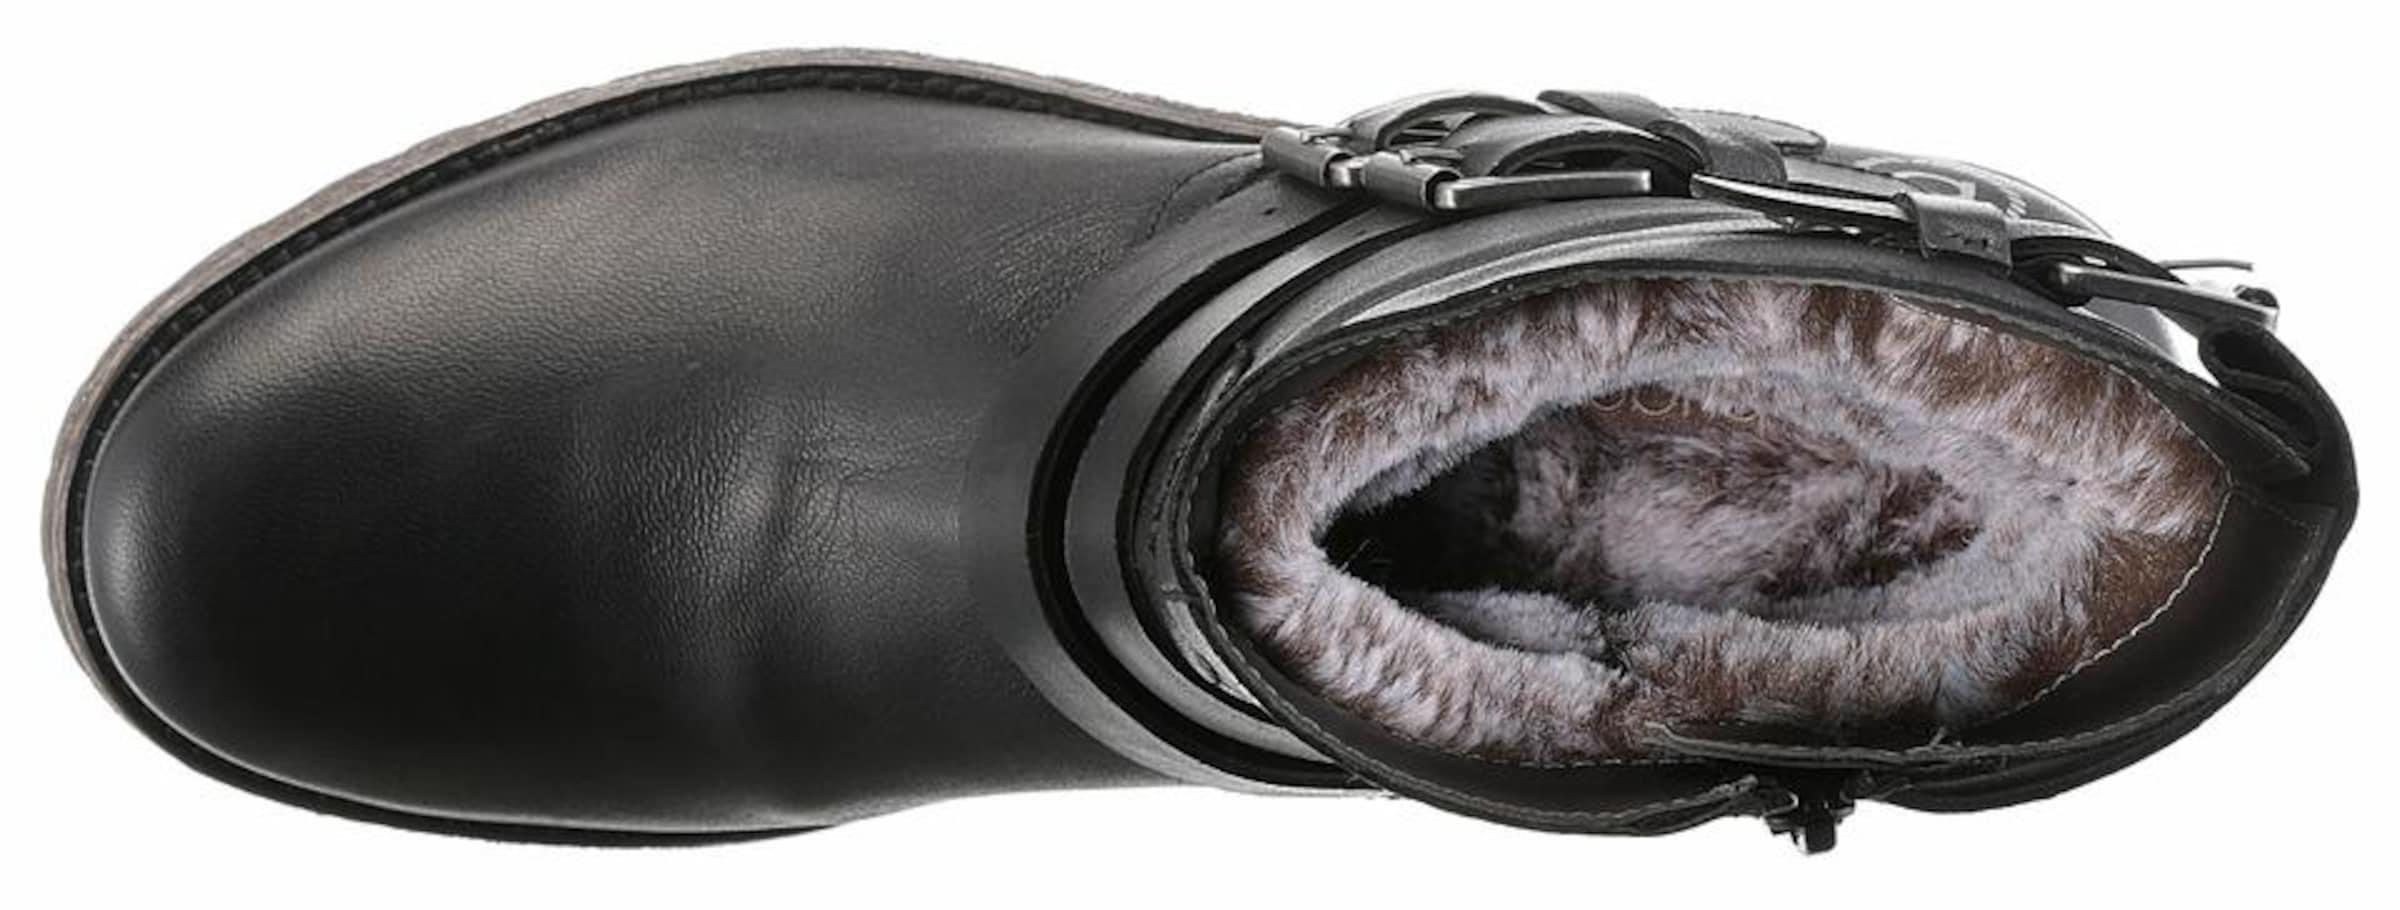 Neuesten Kollektionen Verkauf Online bugatti Stiefelette Freies Verschiffen Neue Offizielle Seite yPw7Sh